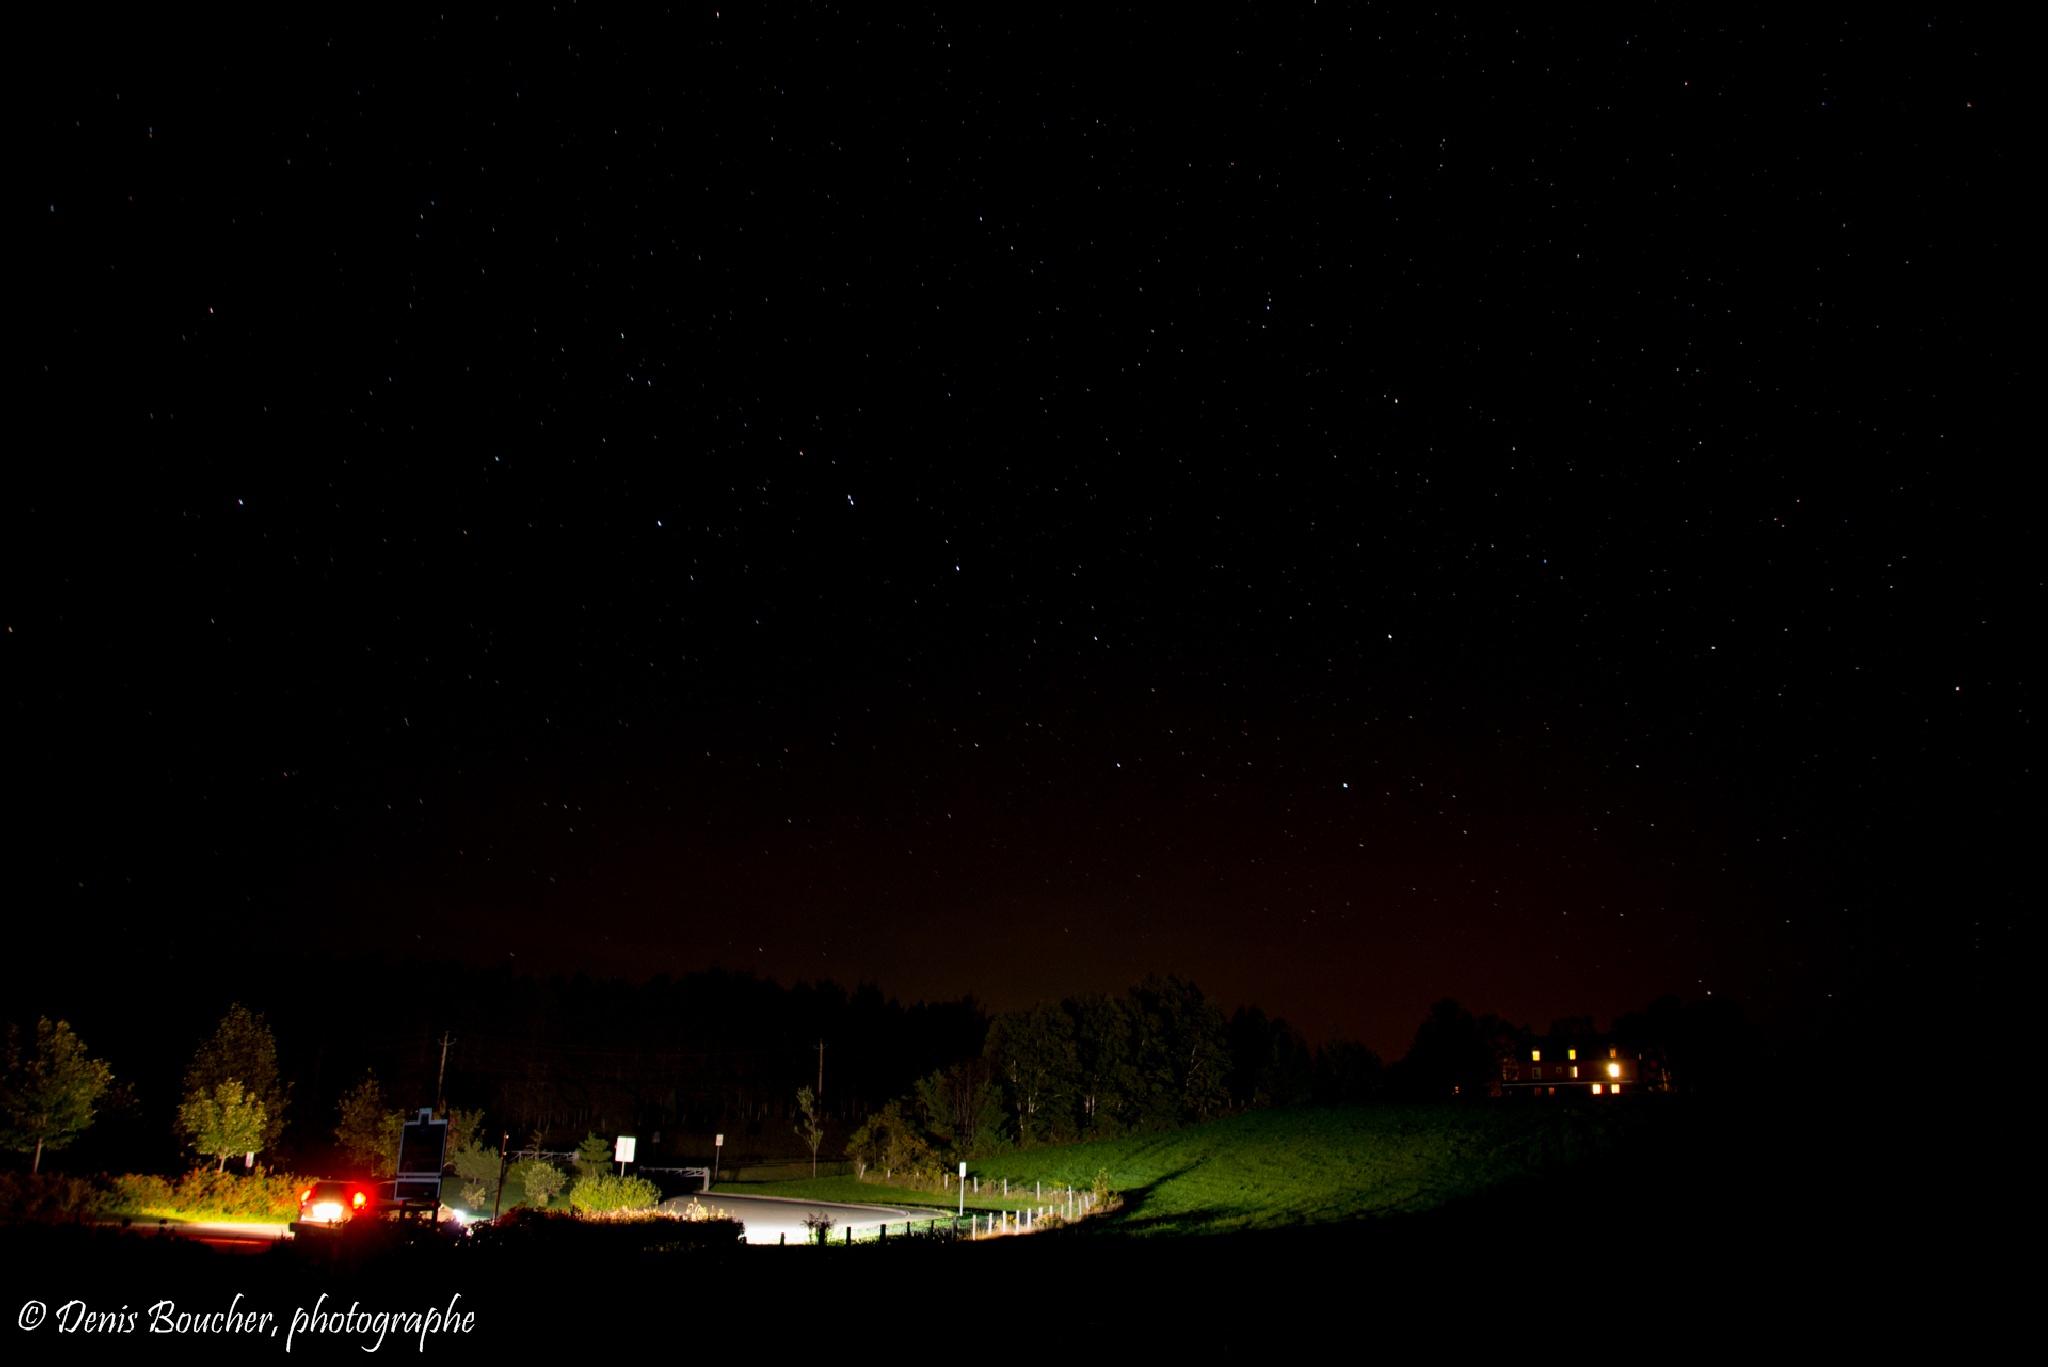 nuit étoilée by Denis Boucher